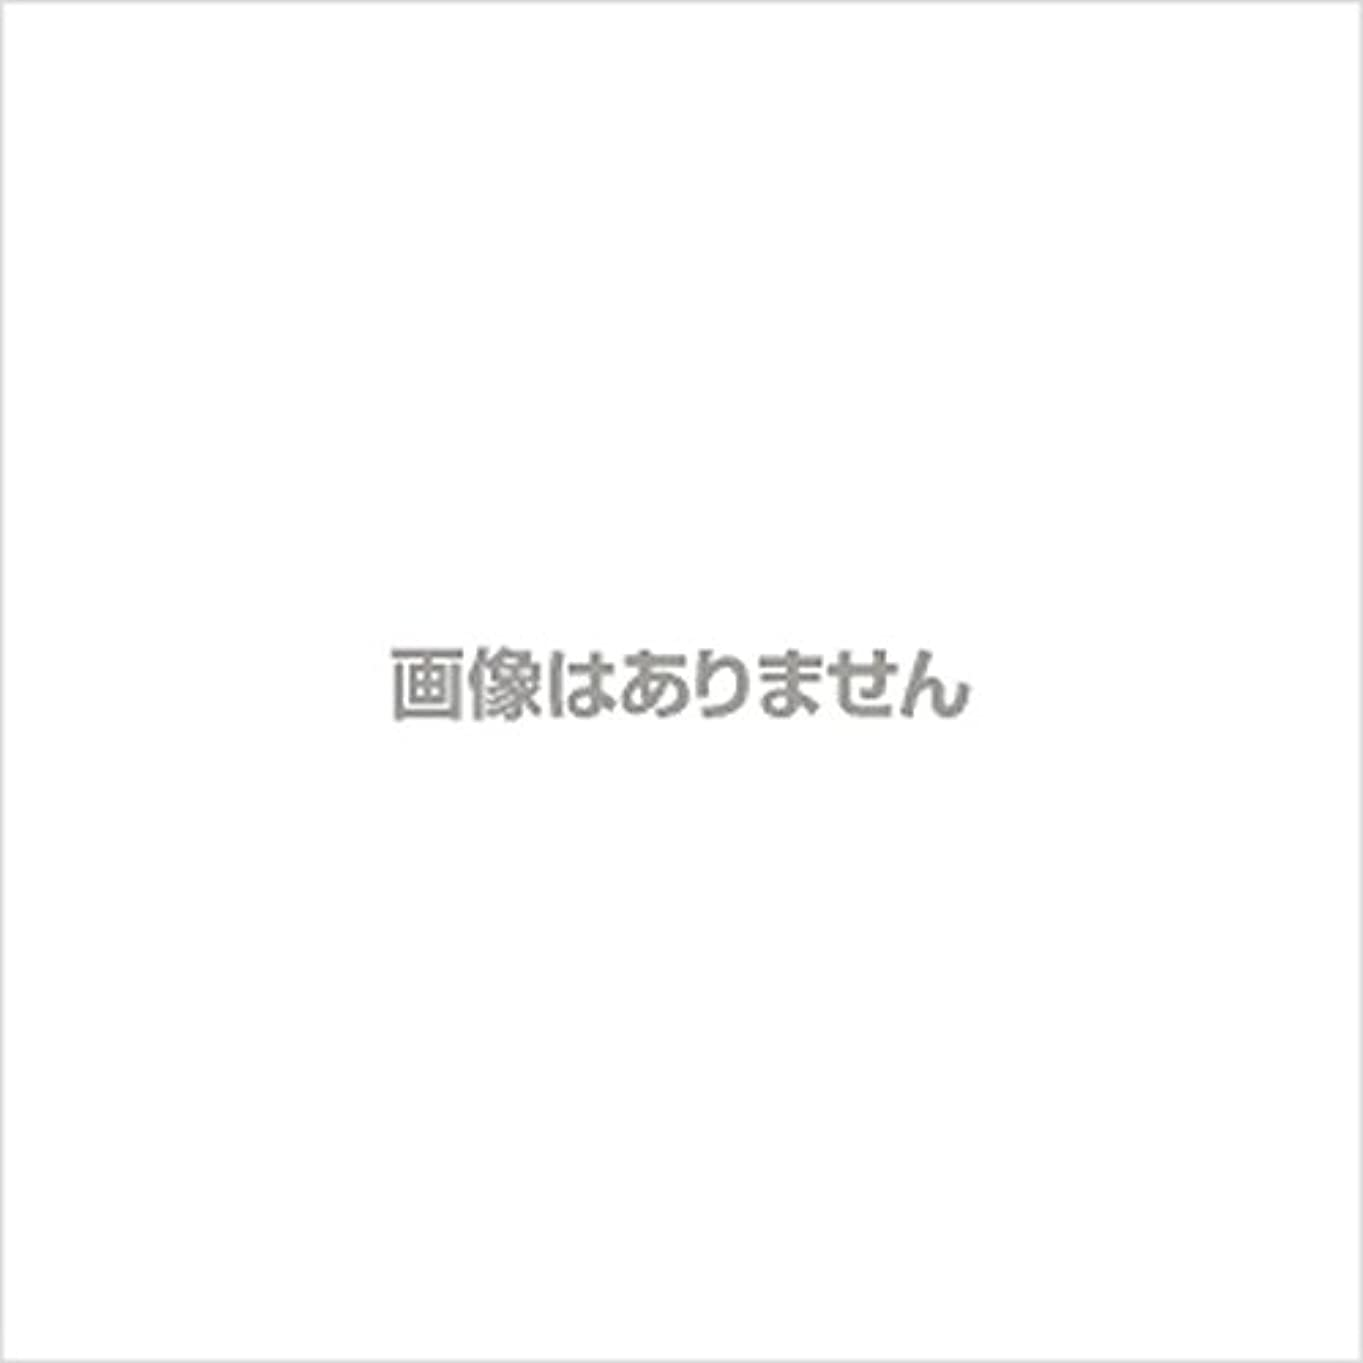 ふくろうリーン並外れてニュージャスト ヘルパーグローブ L(500枚入) 【商品コード】4010500